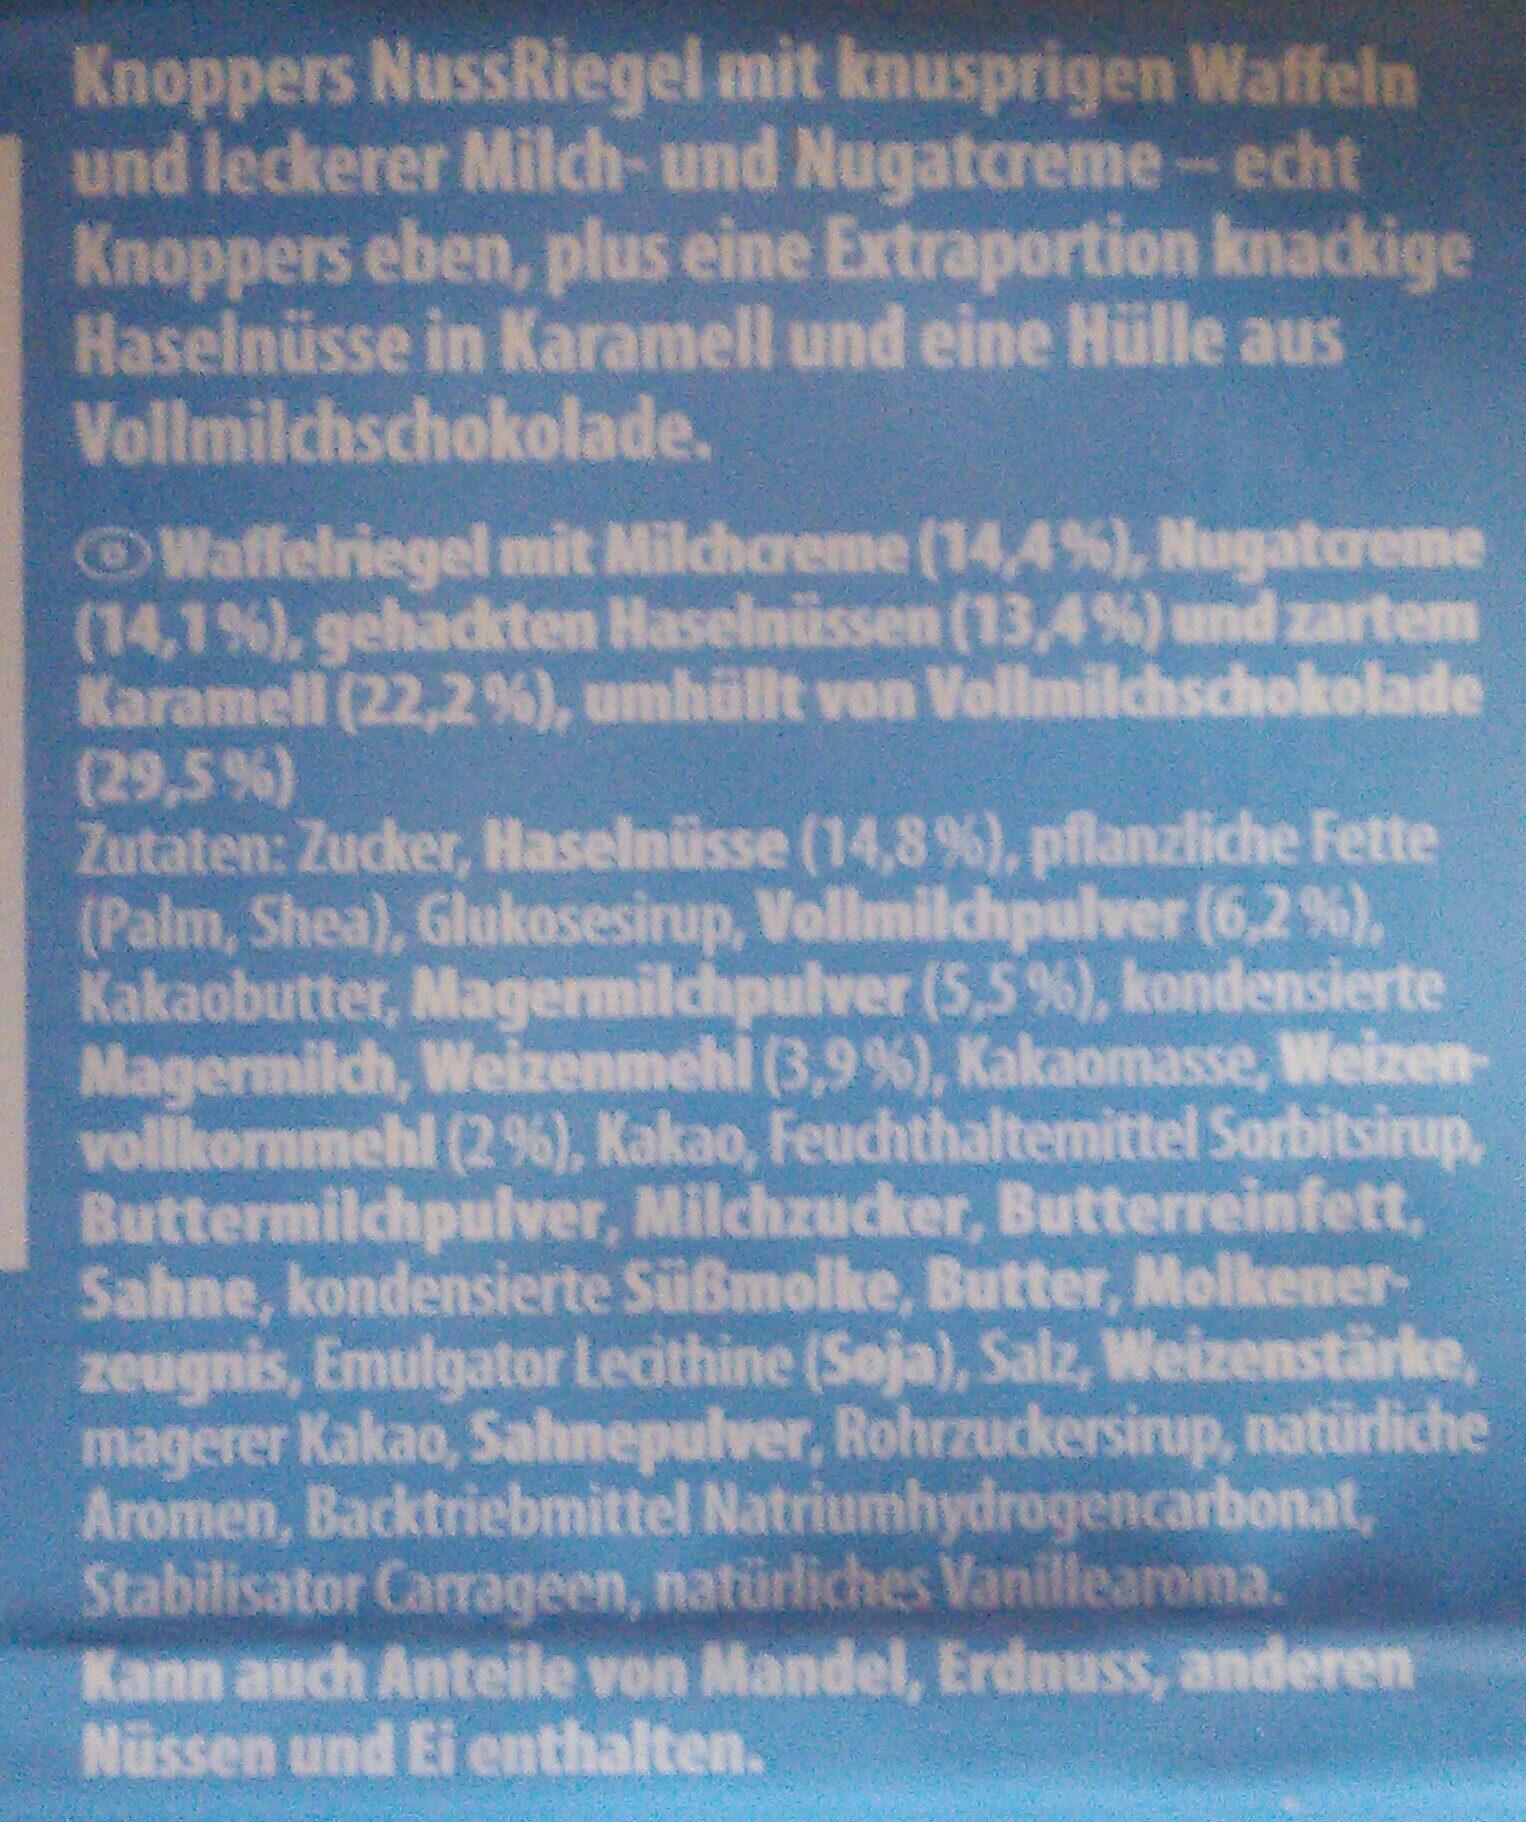 Knoppers Nussriegel 5er Multipack - Ingredients